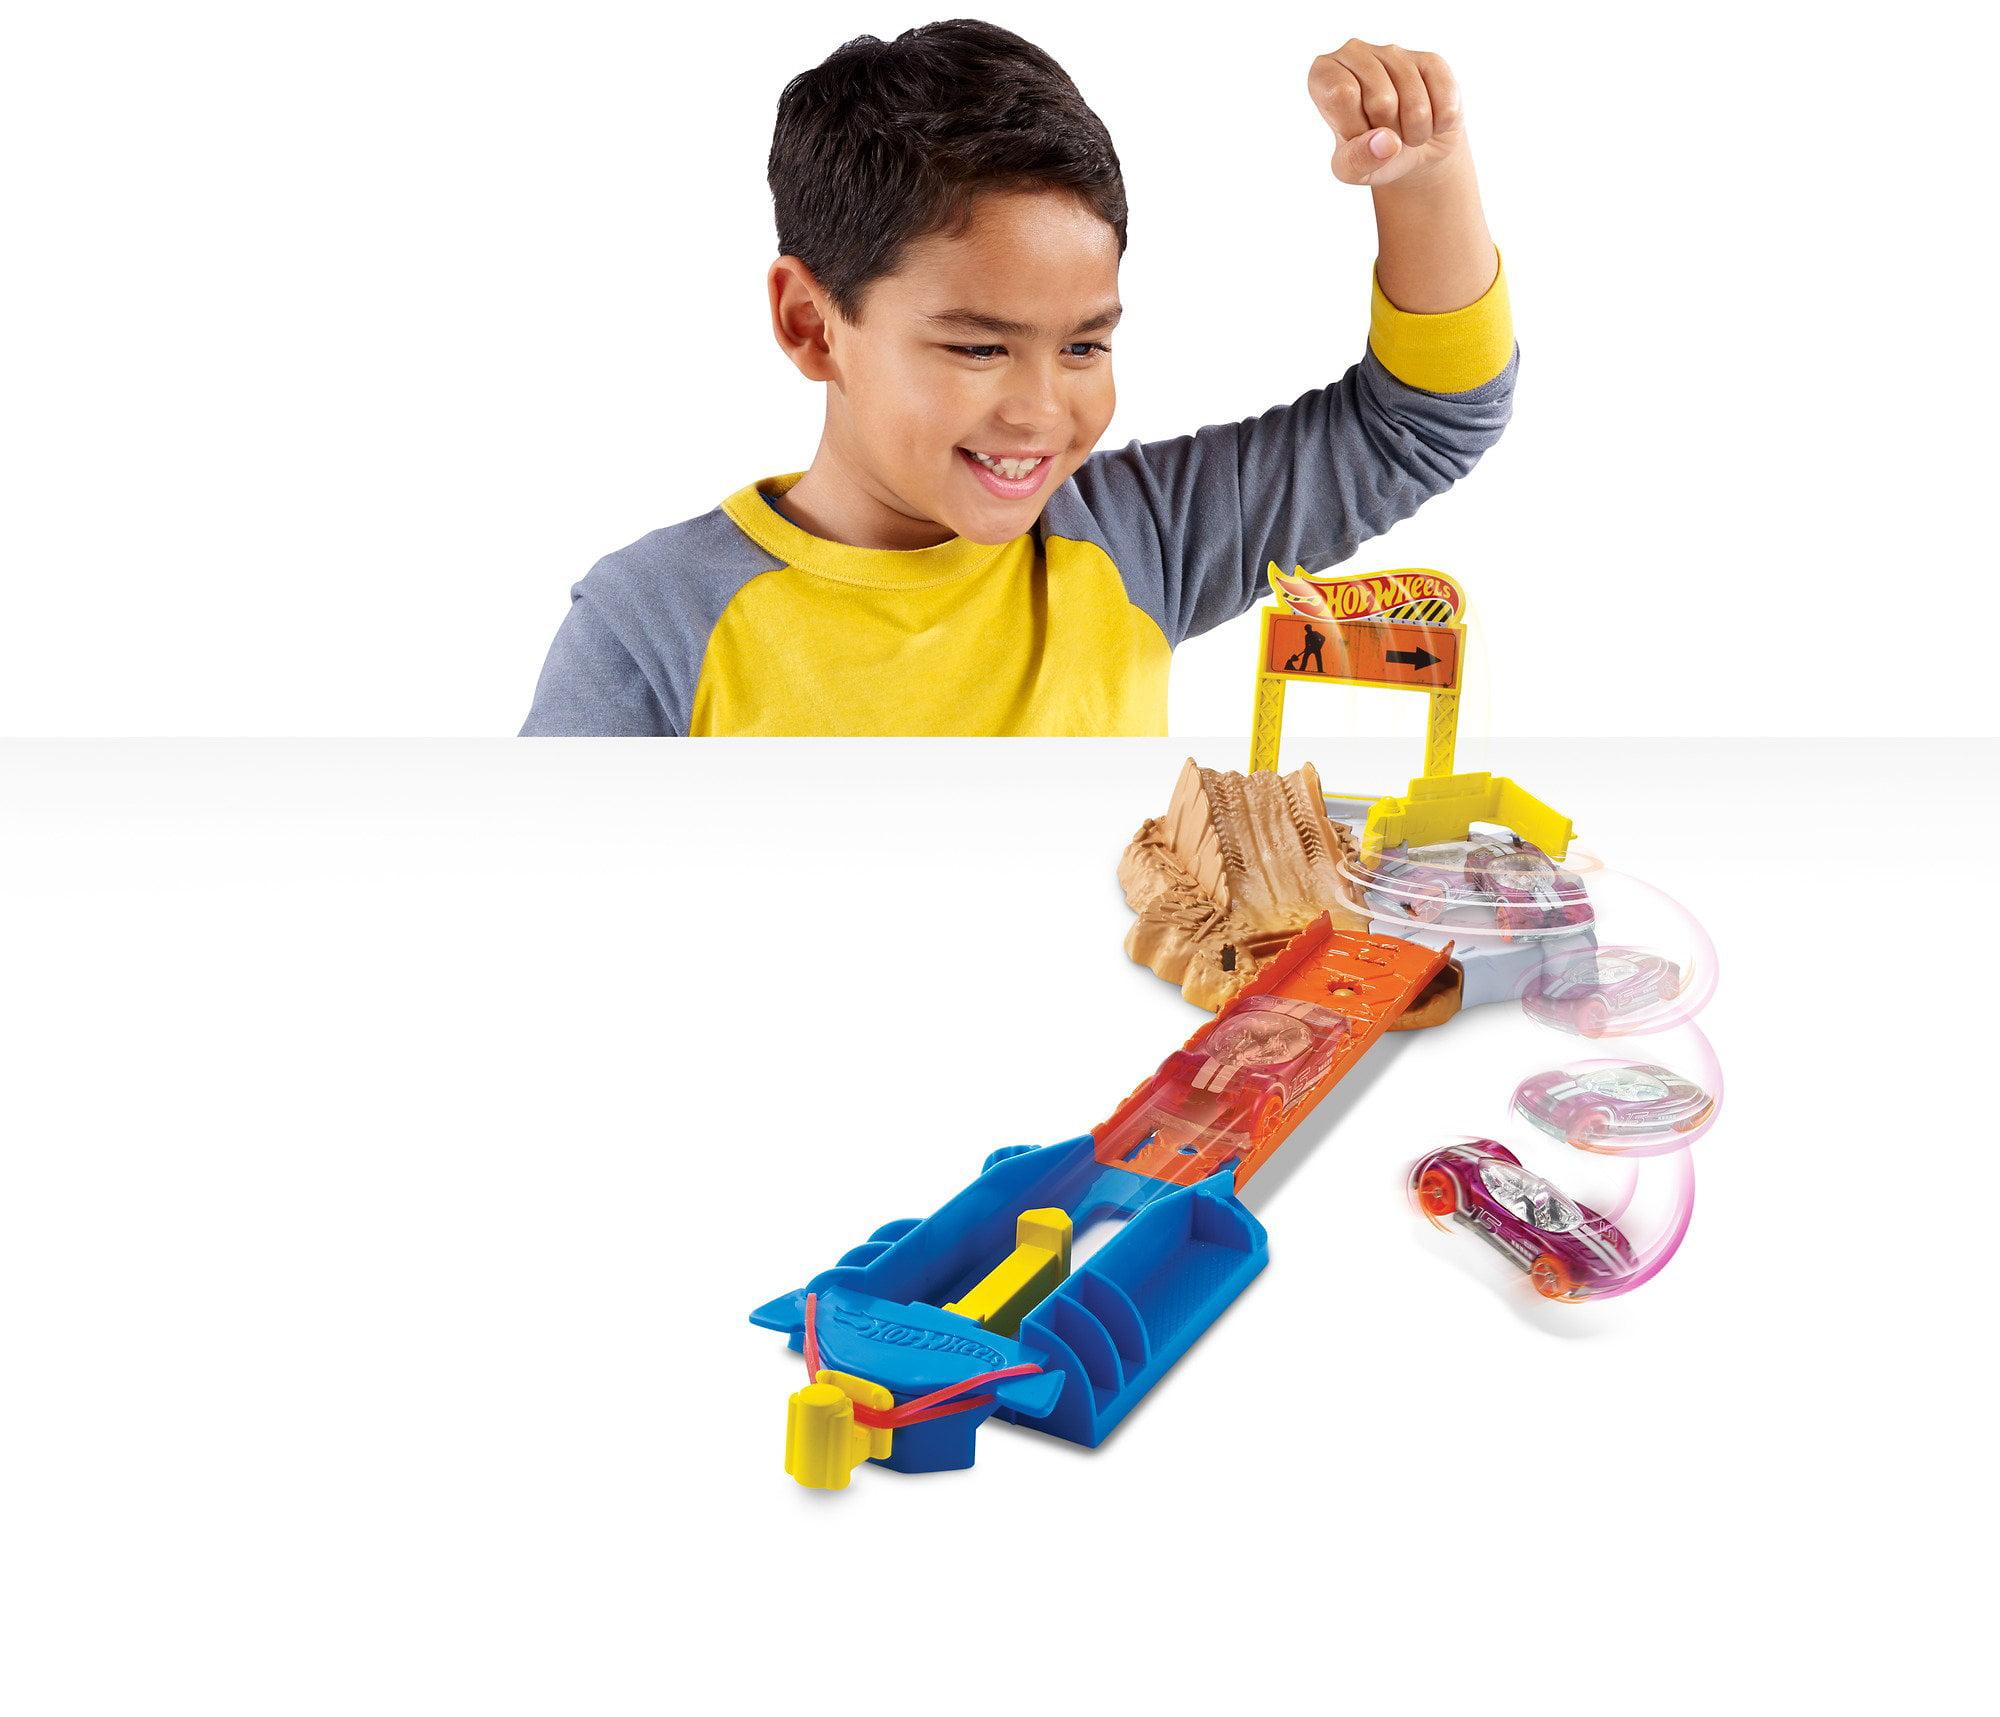 Hot Wheels Pocket Raceway by Mattel